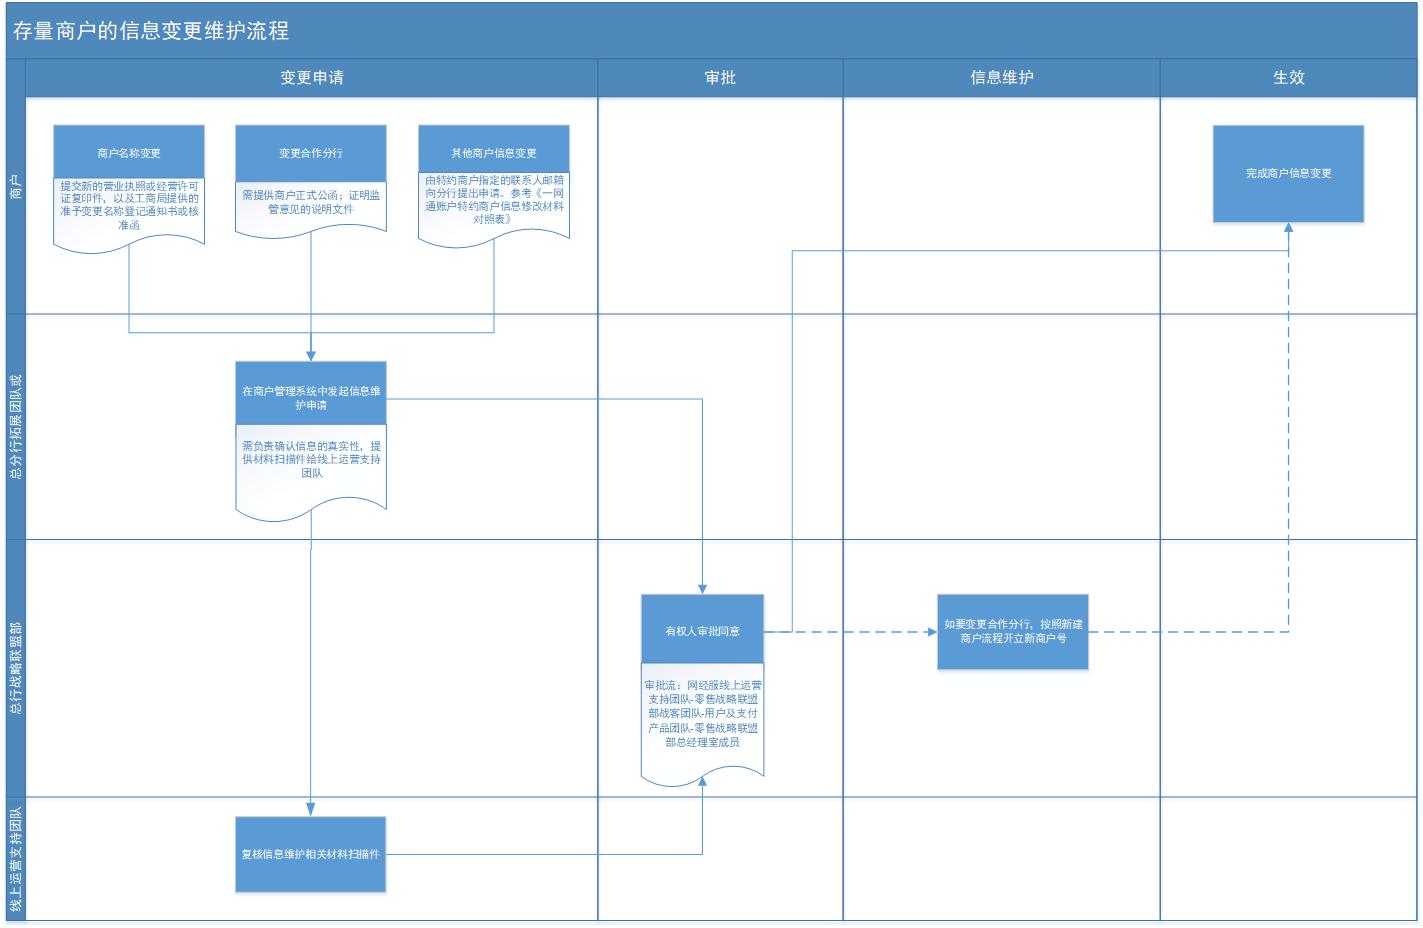 商户信息维护流程图-修改0530.png